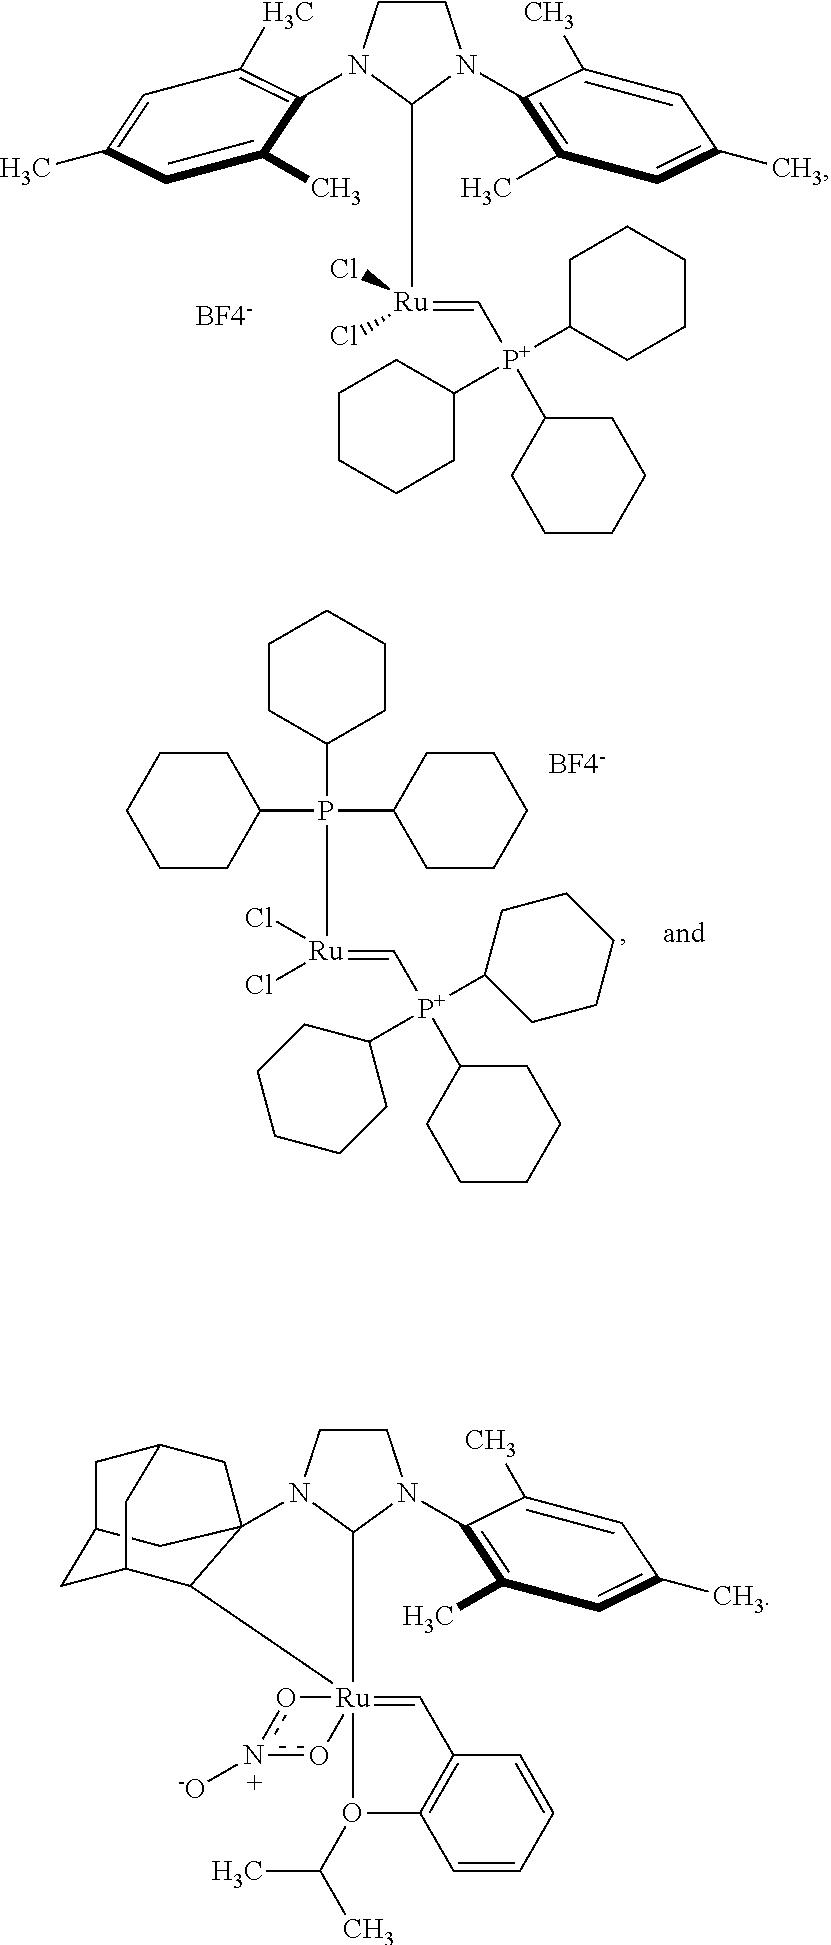 Figure US09598543-20170321-C00017